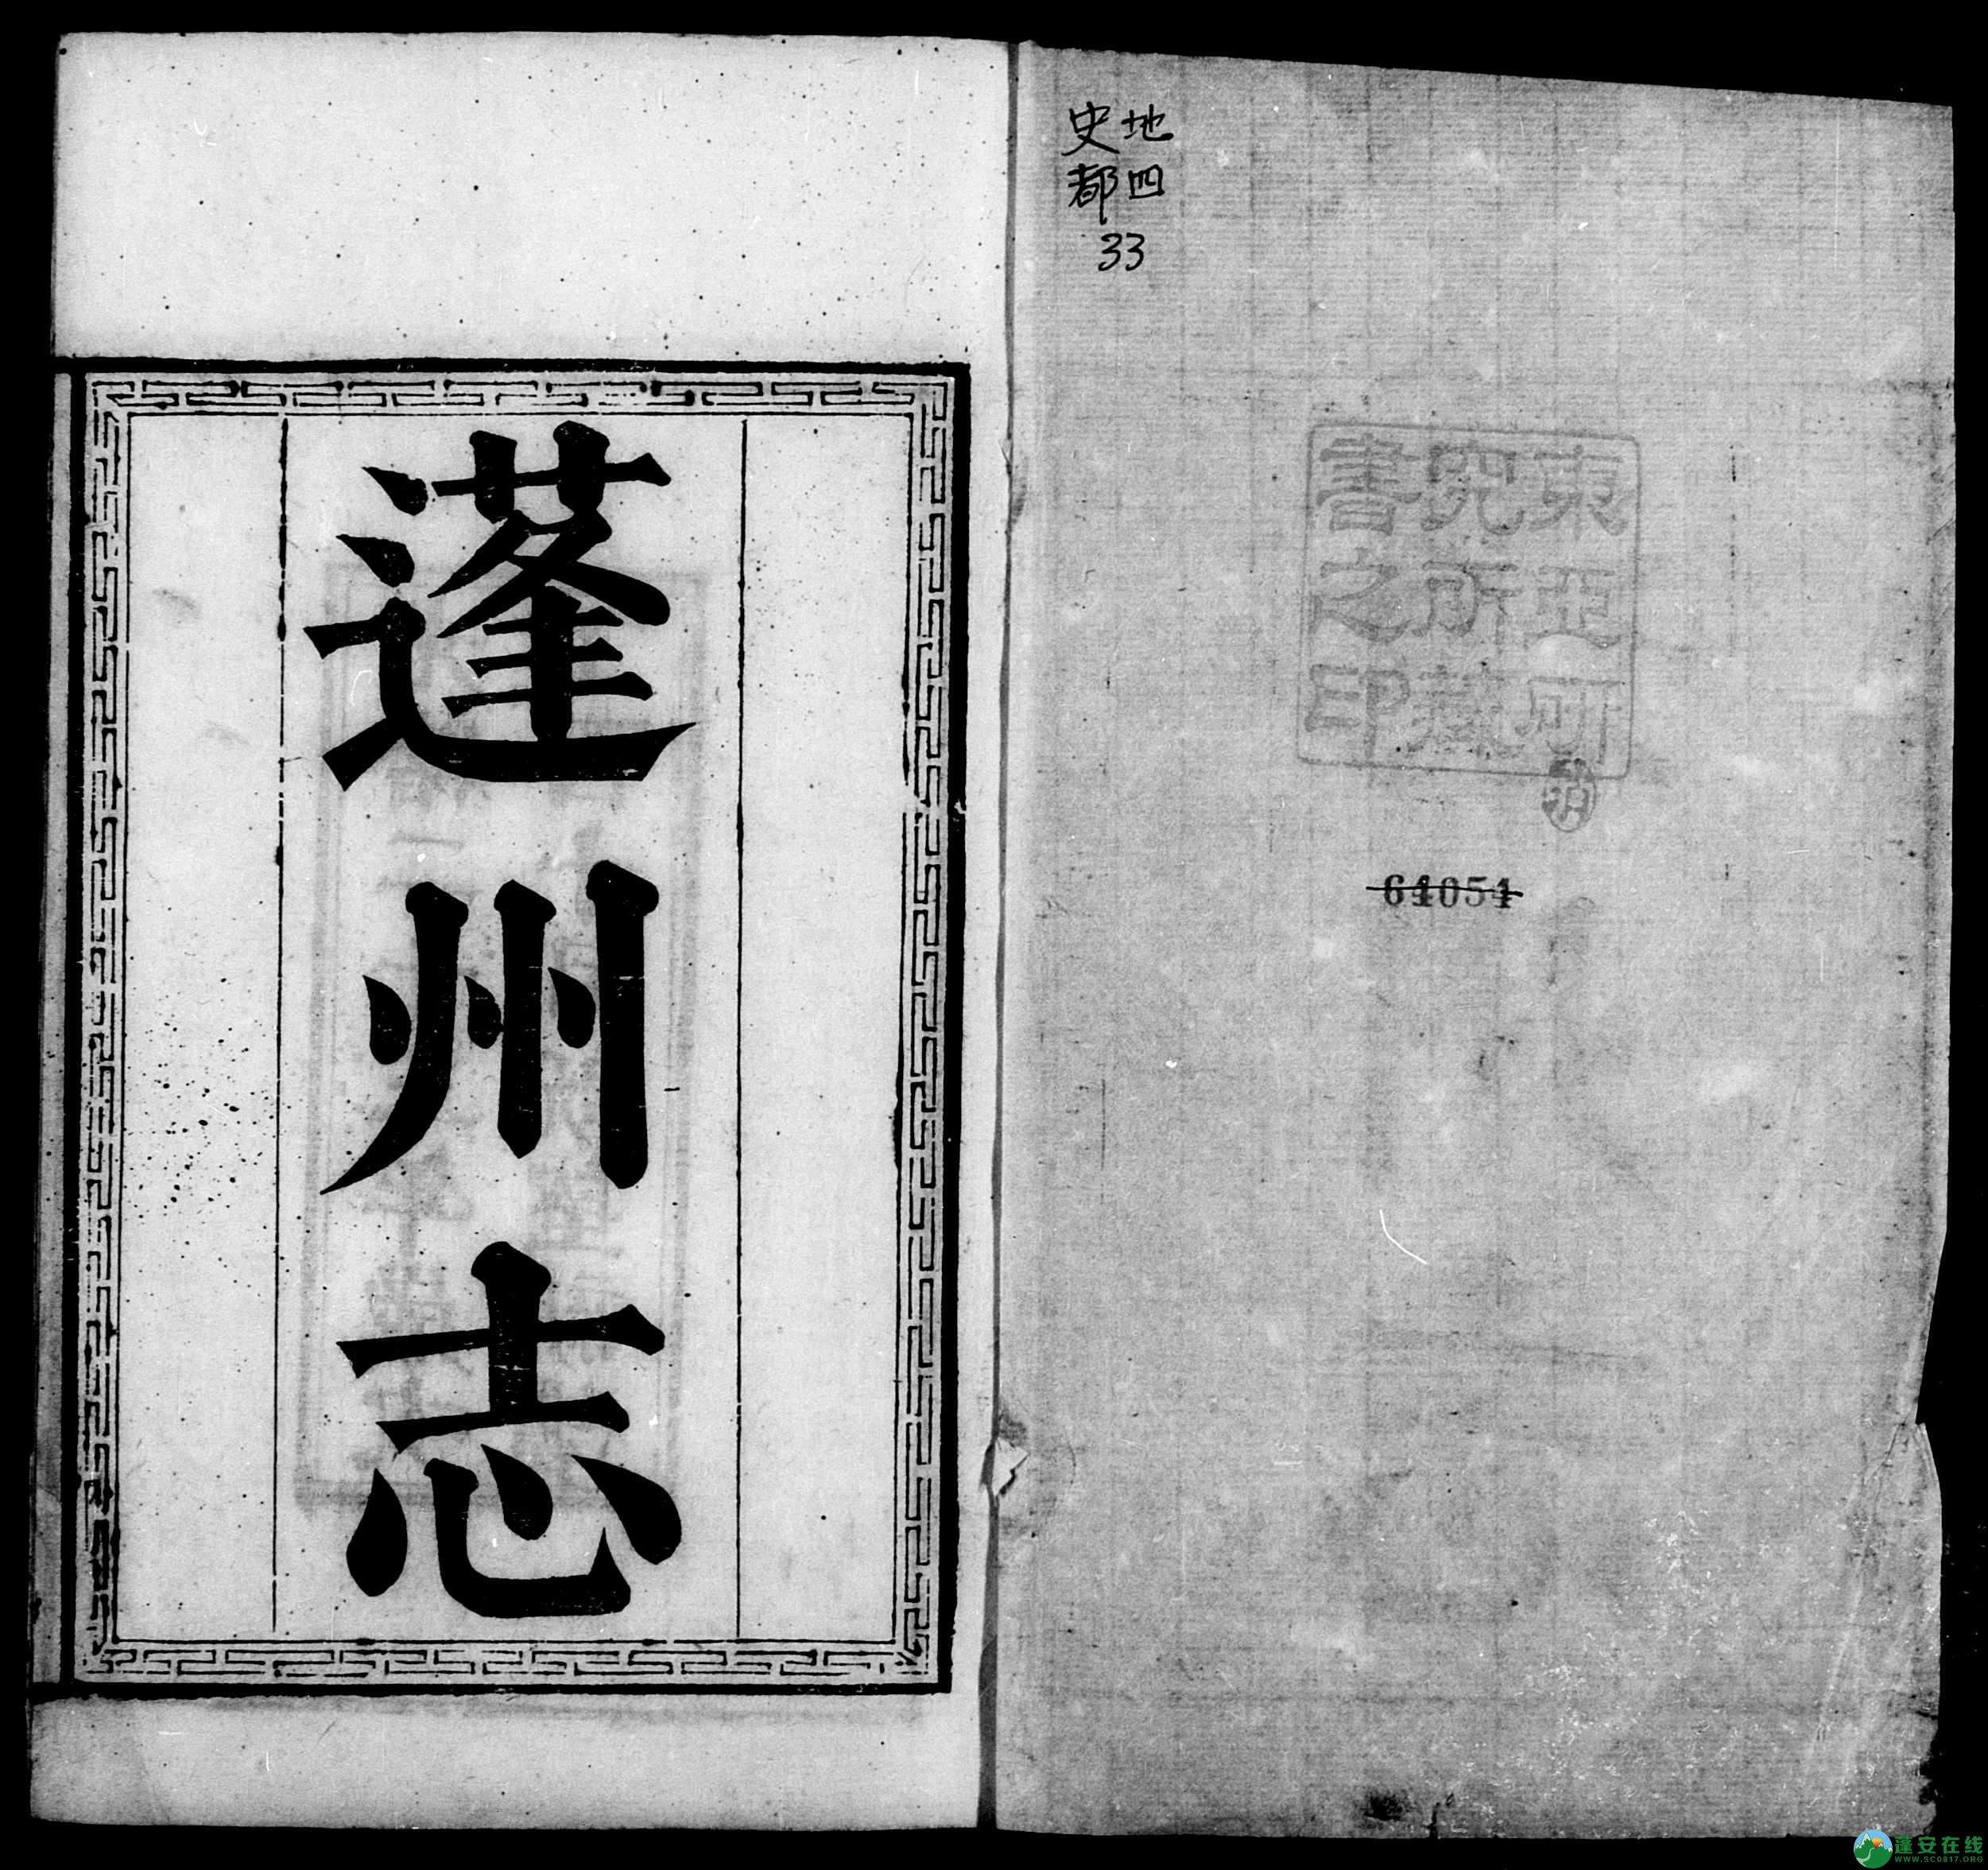 蓬州志(光绪23年版) - 第1张  | 蓬安在线